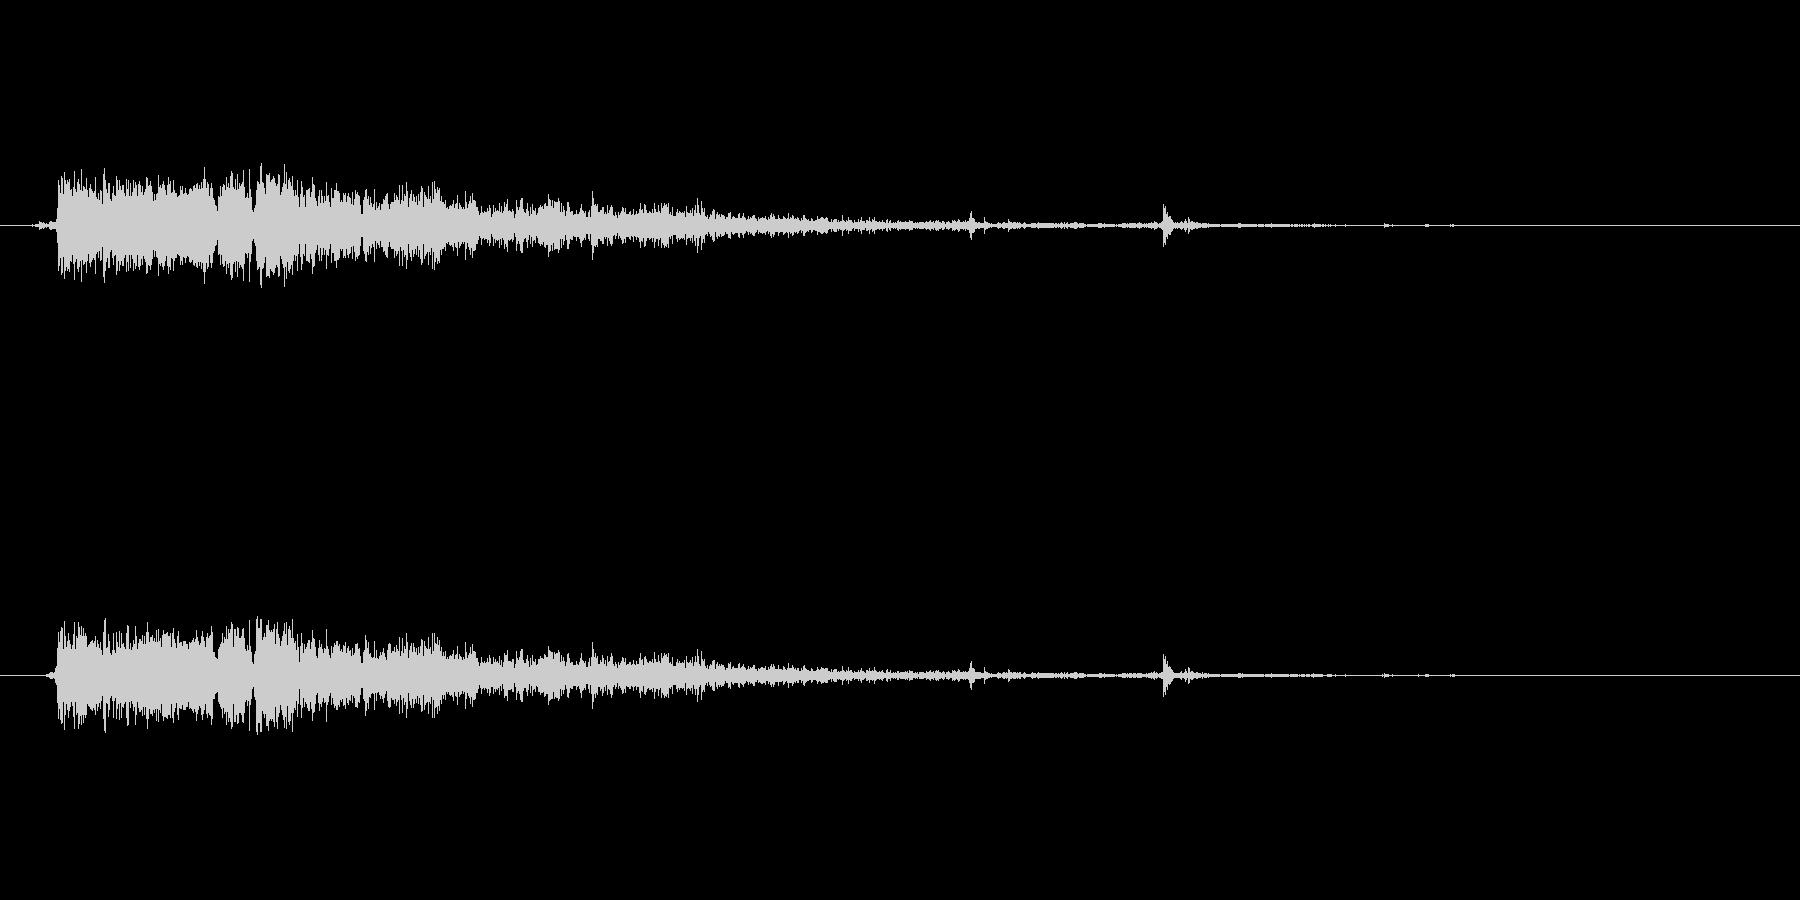 銃の音 (7) の未再生の波形